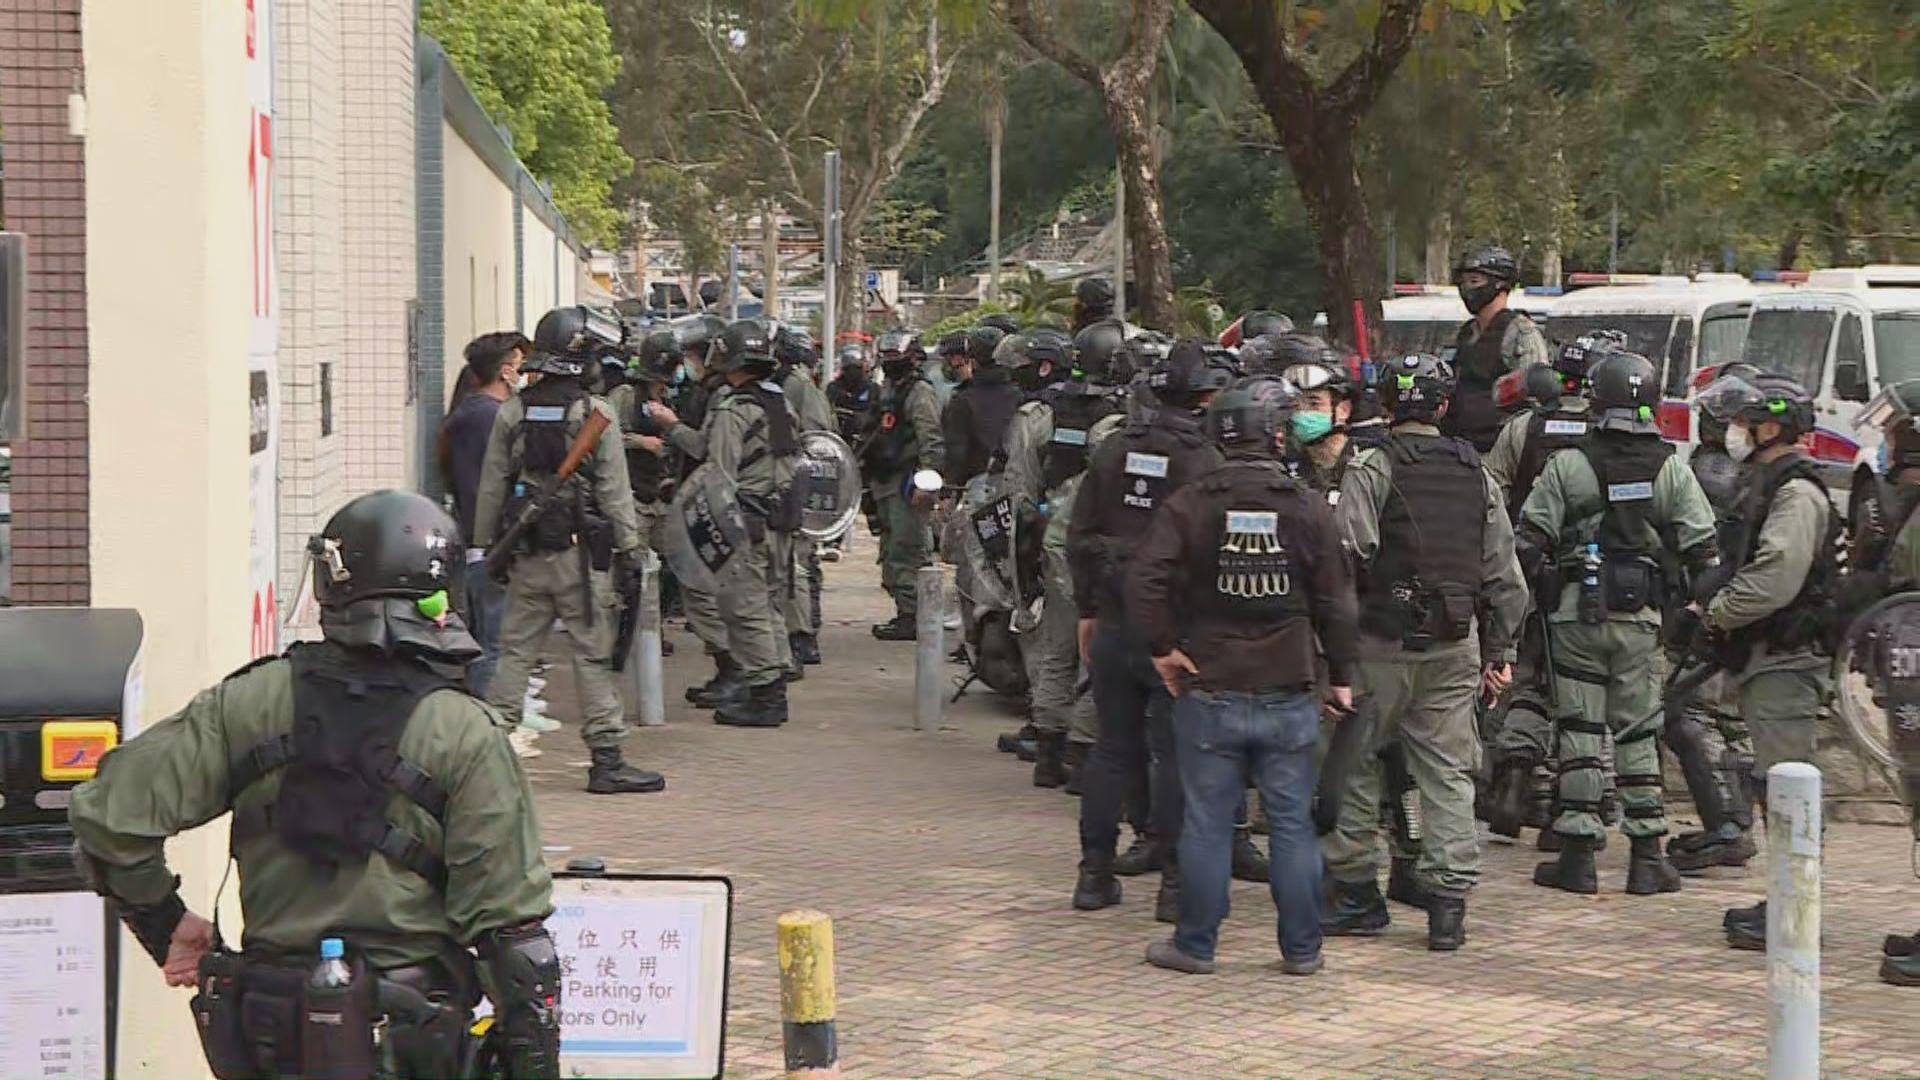 西貢遊行反對區內設檢疫設施 警截查多人